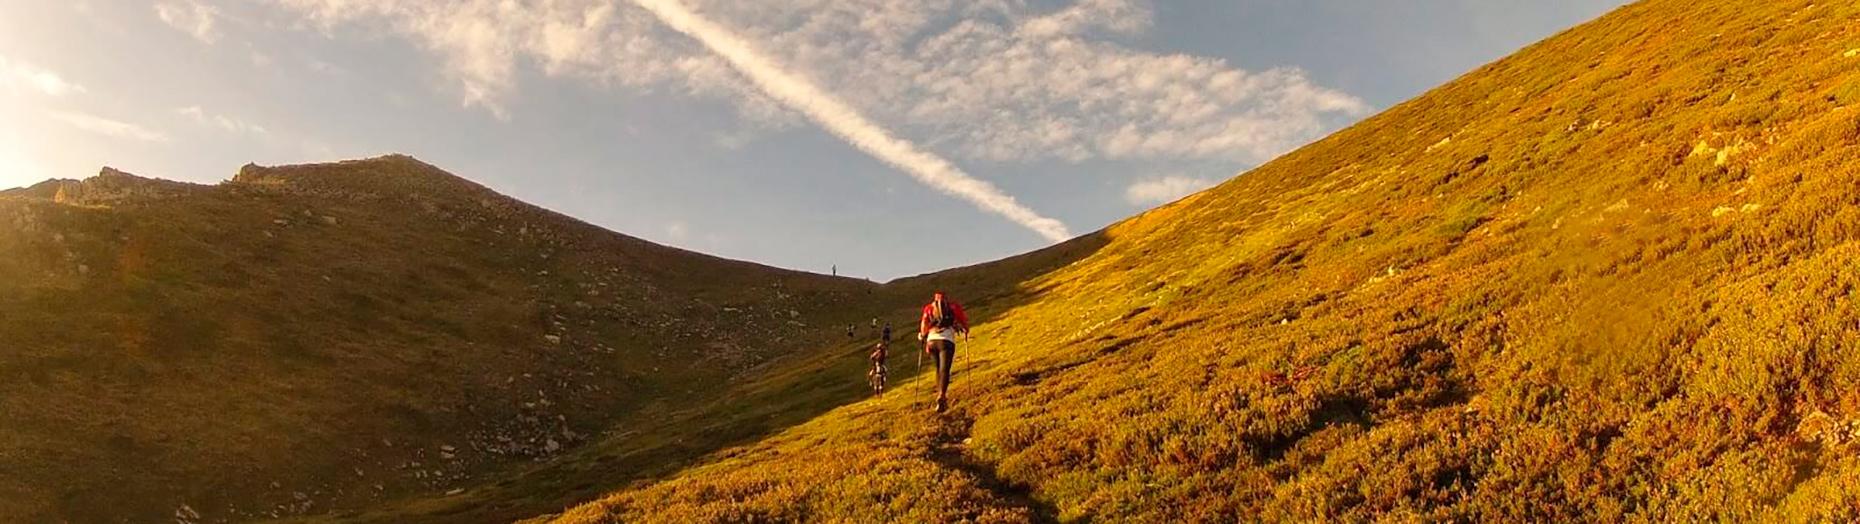 Actividades de aventura en Galicia